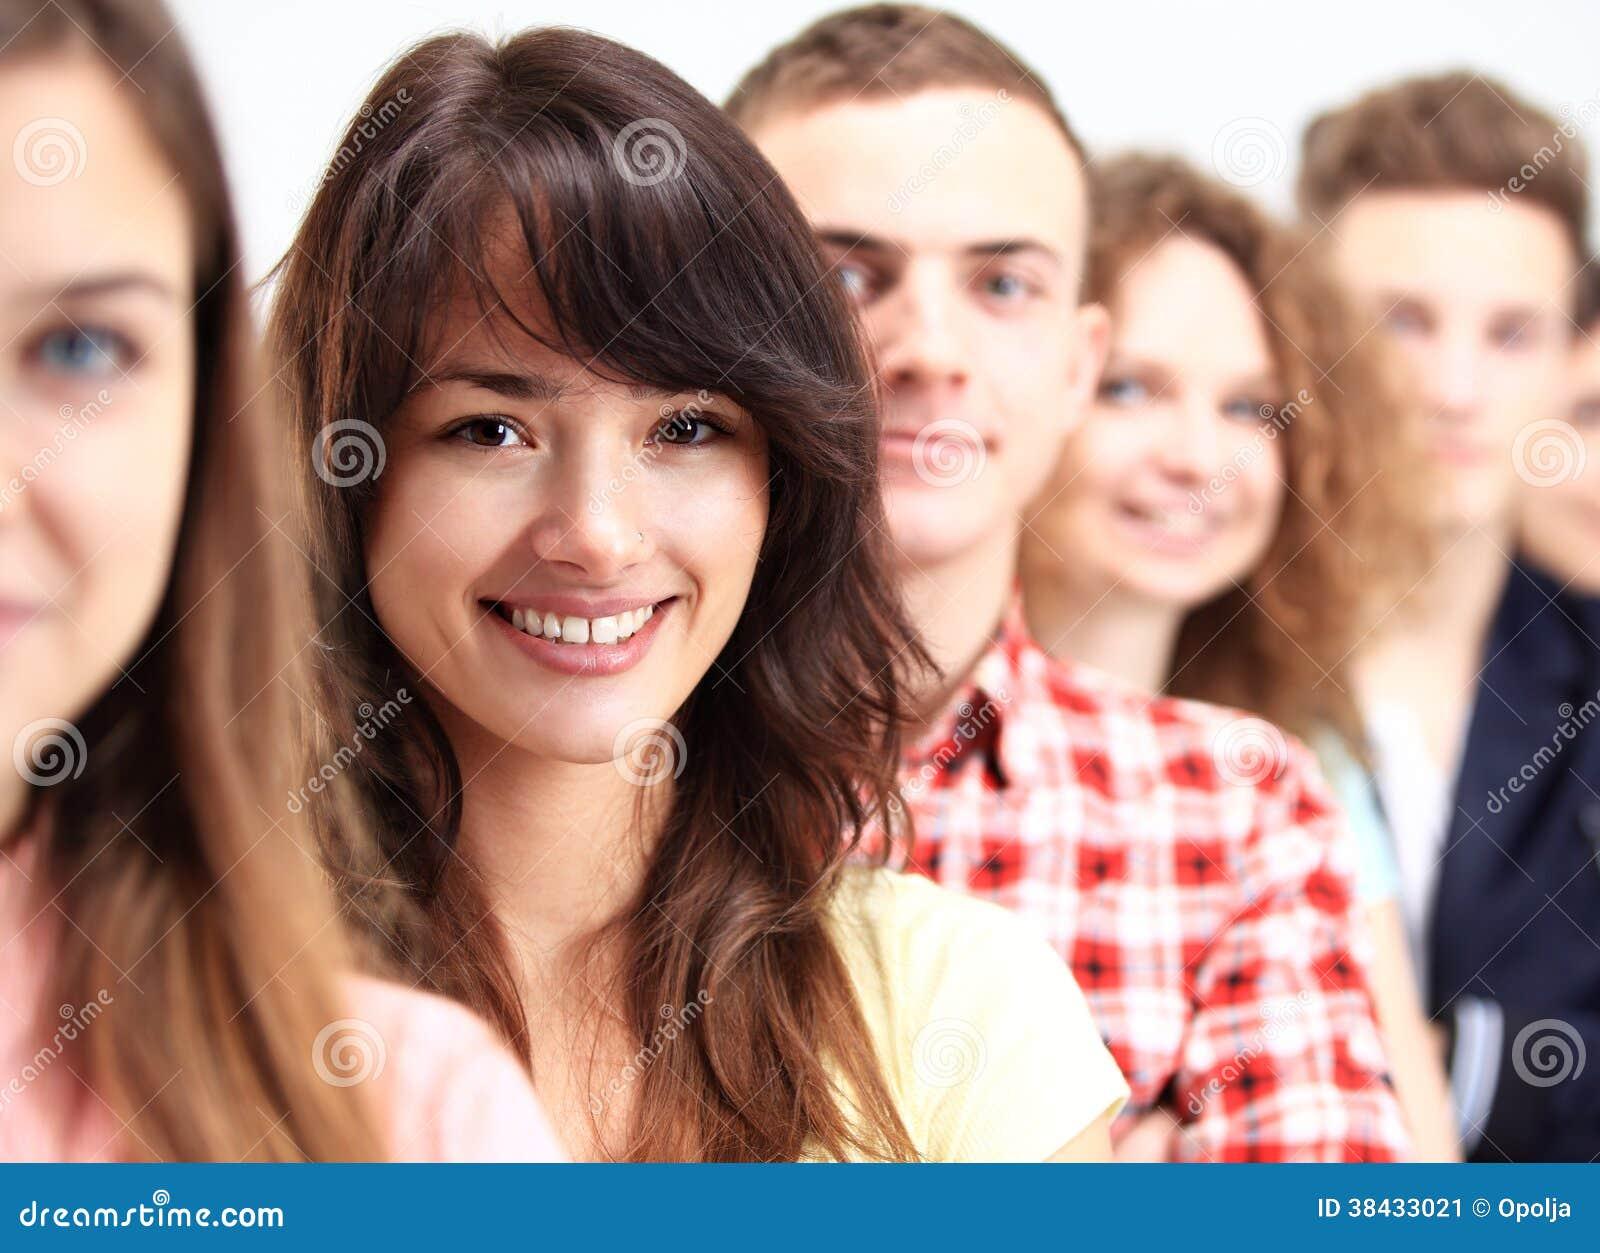 Glückliche lächelnde Studenten, die in der Reihe stehen